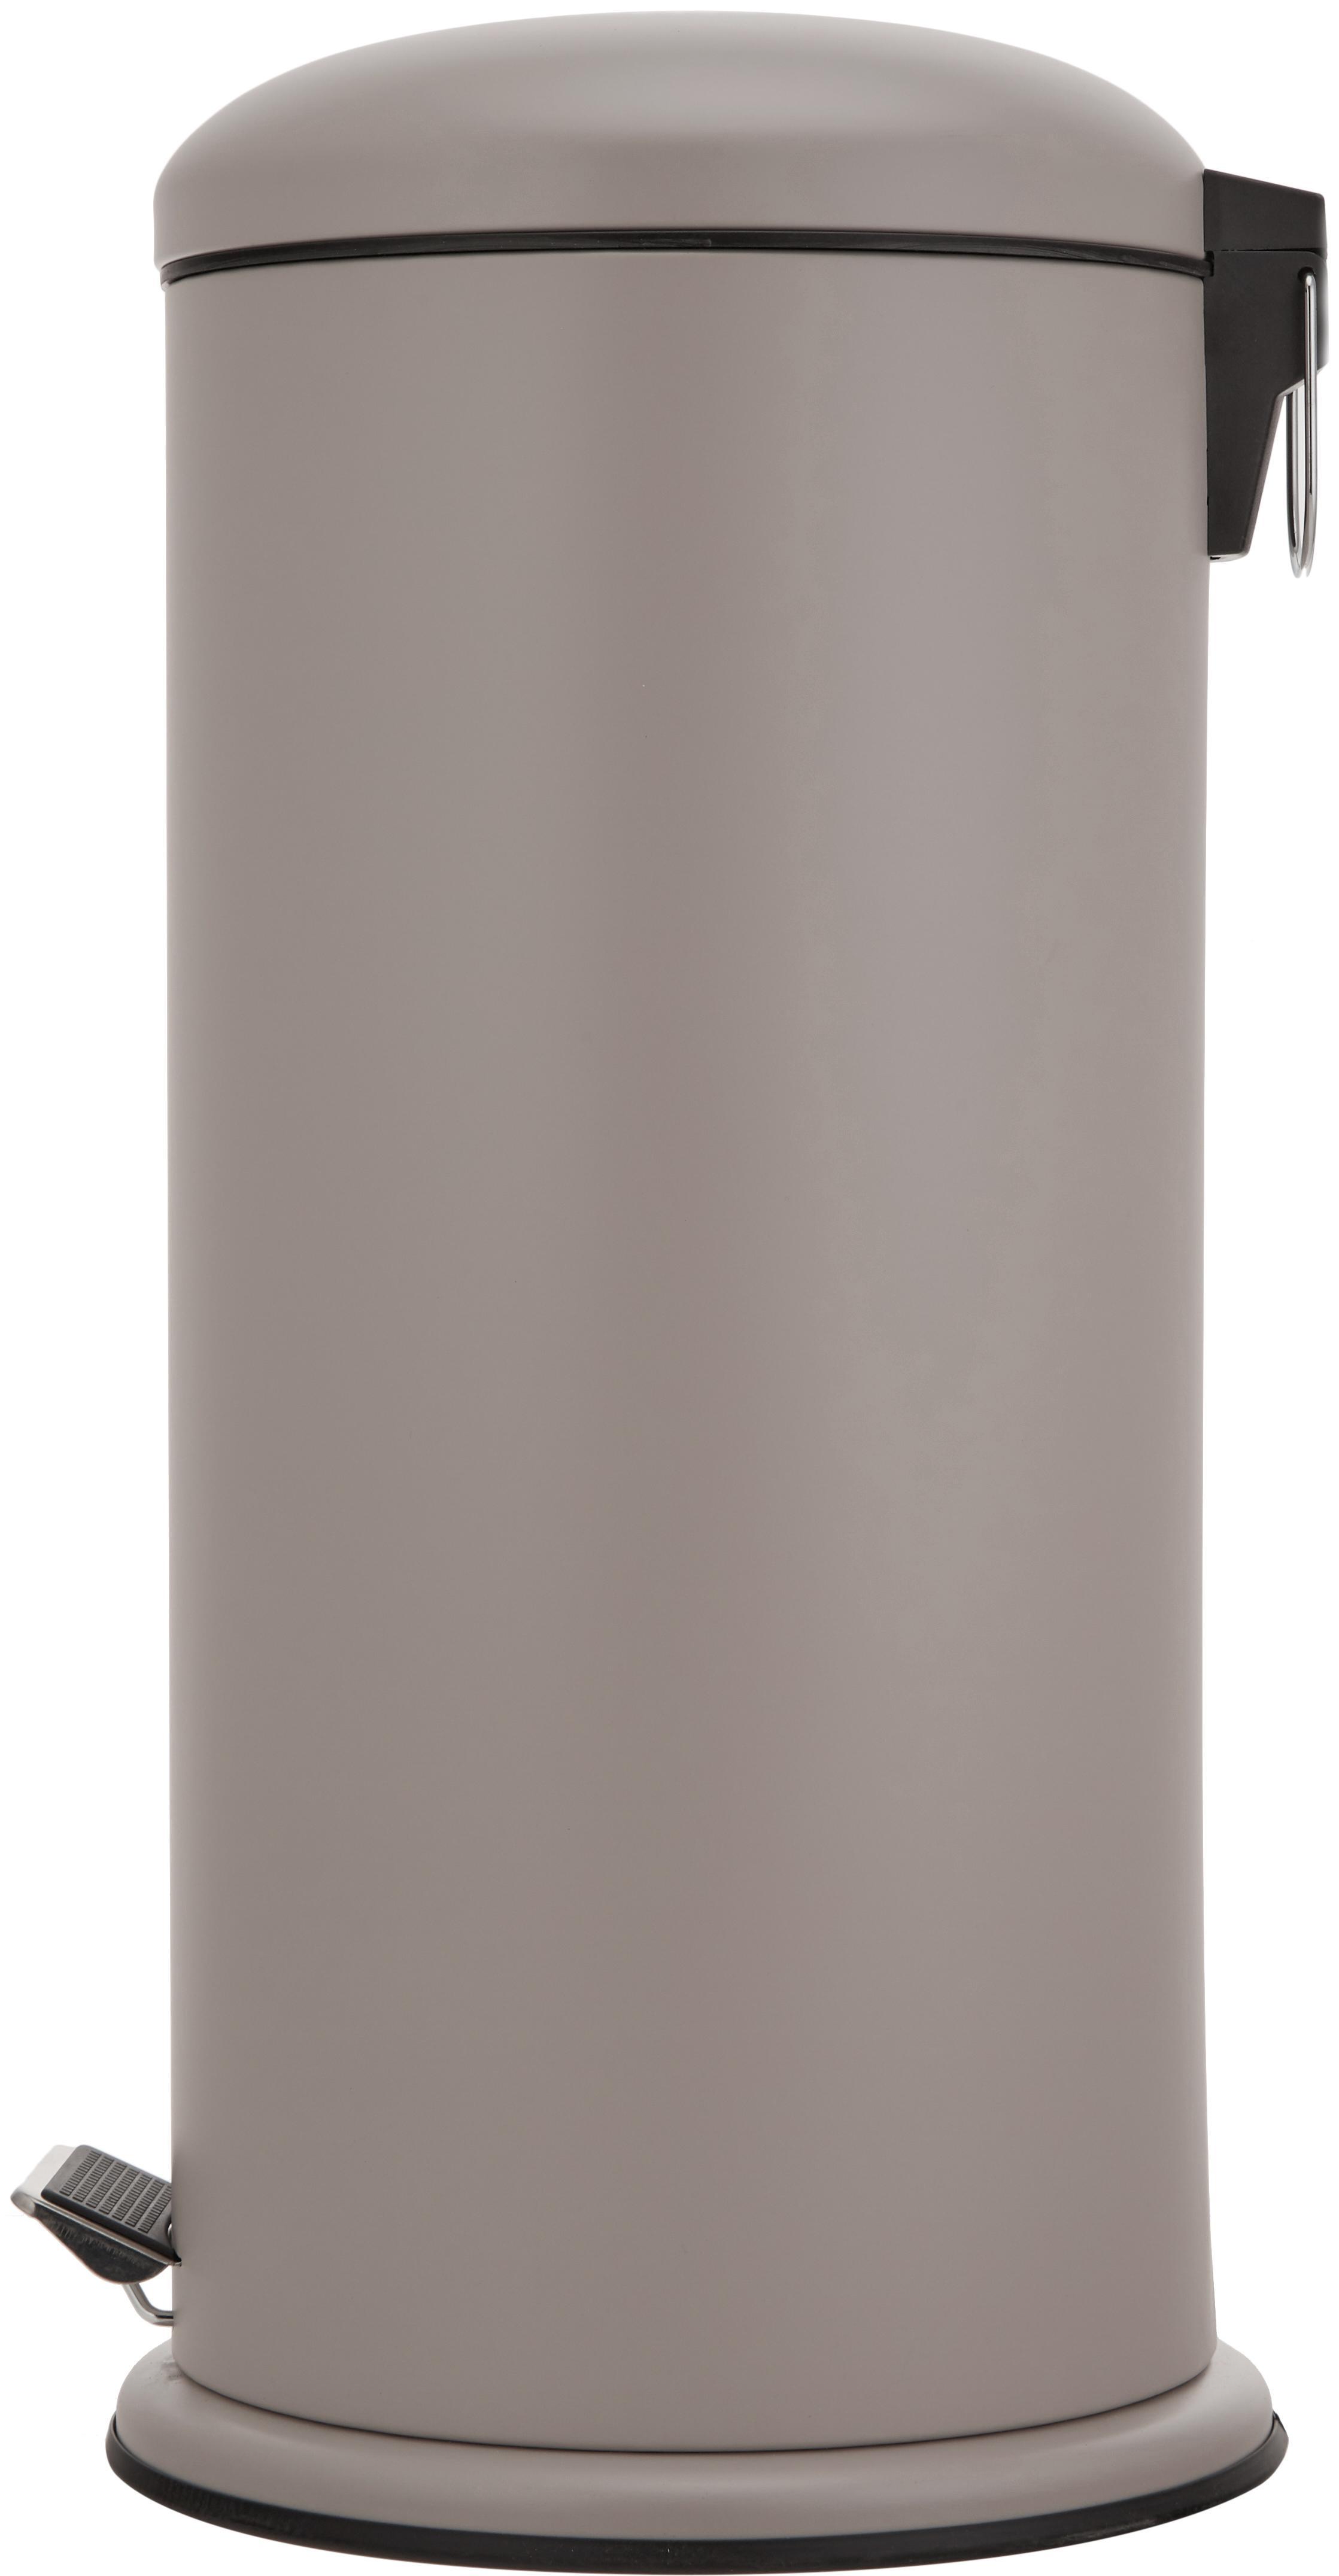 Kosz na śmieci  Dustbin, Beżowy, Ø 30 x W 68 cm